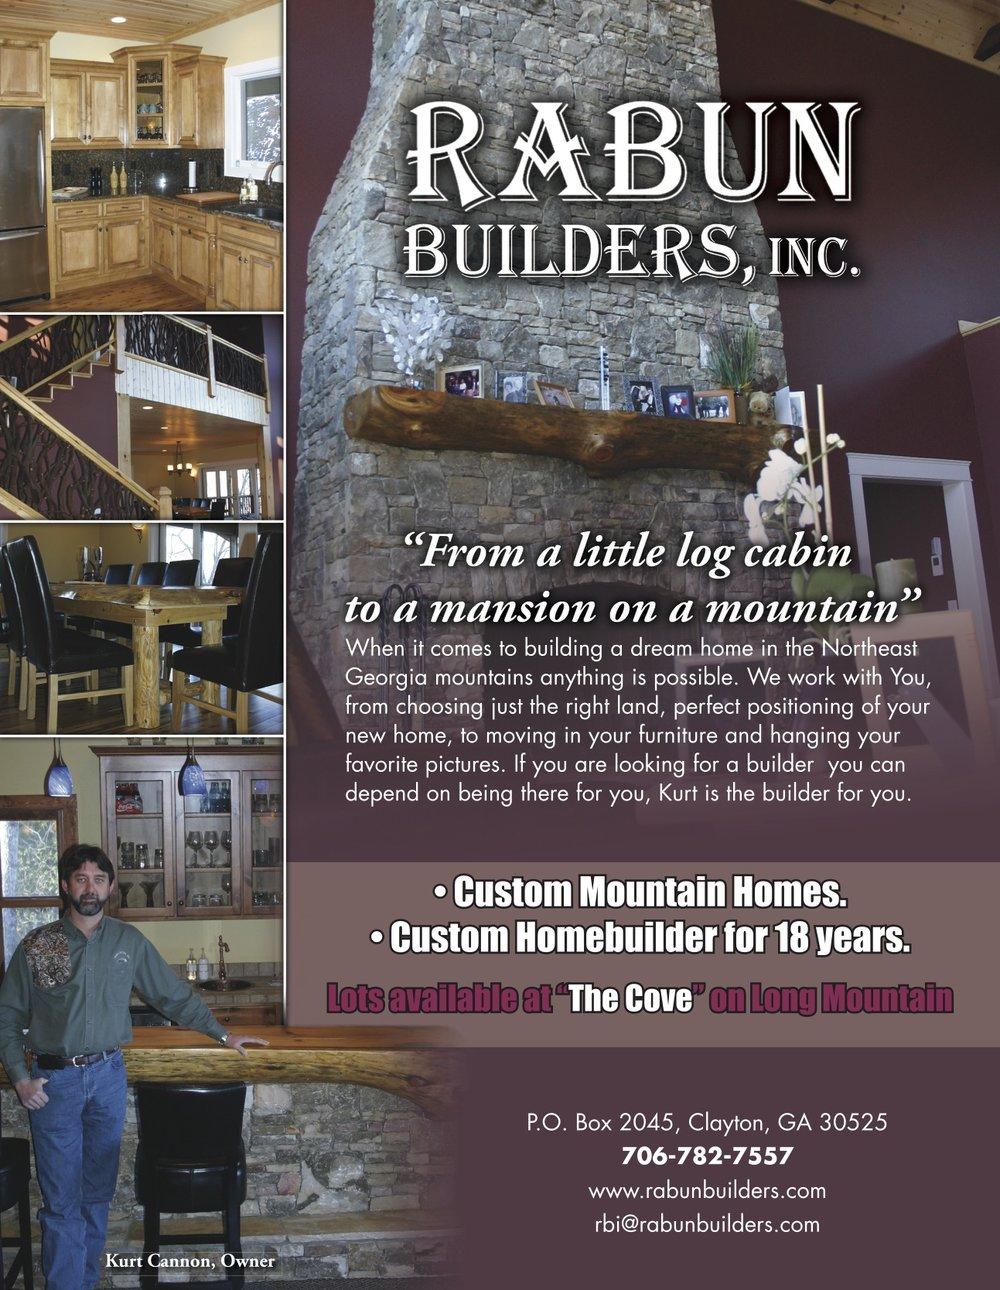 Georgia Builder - August 2007